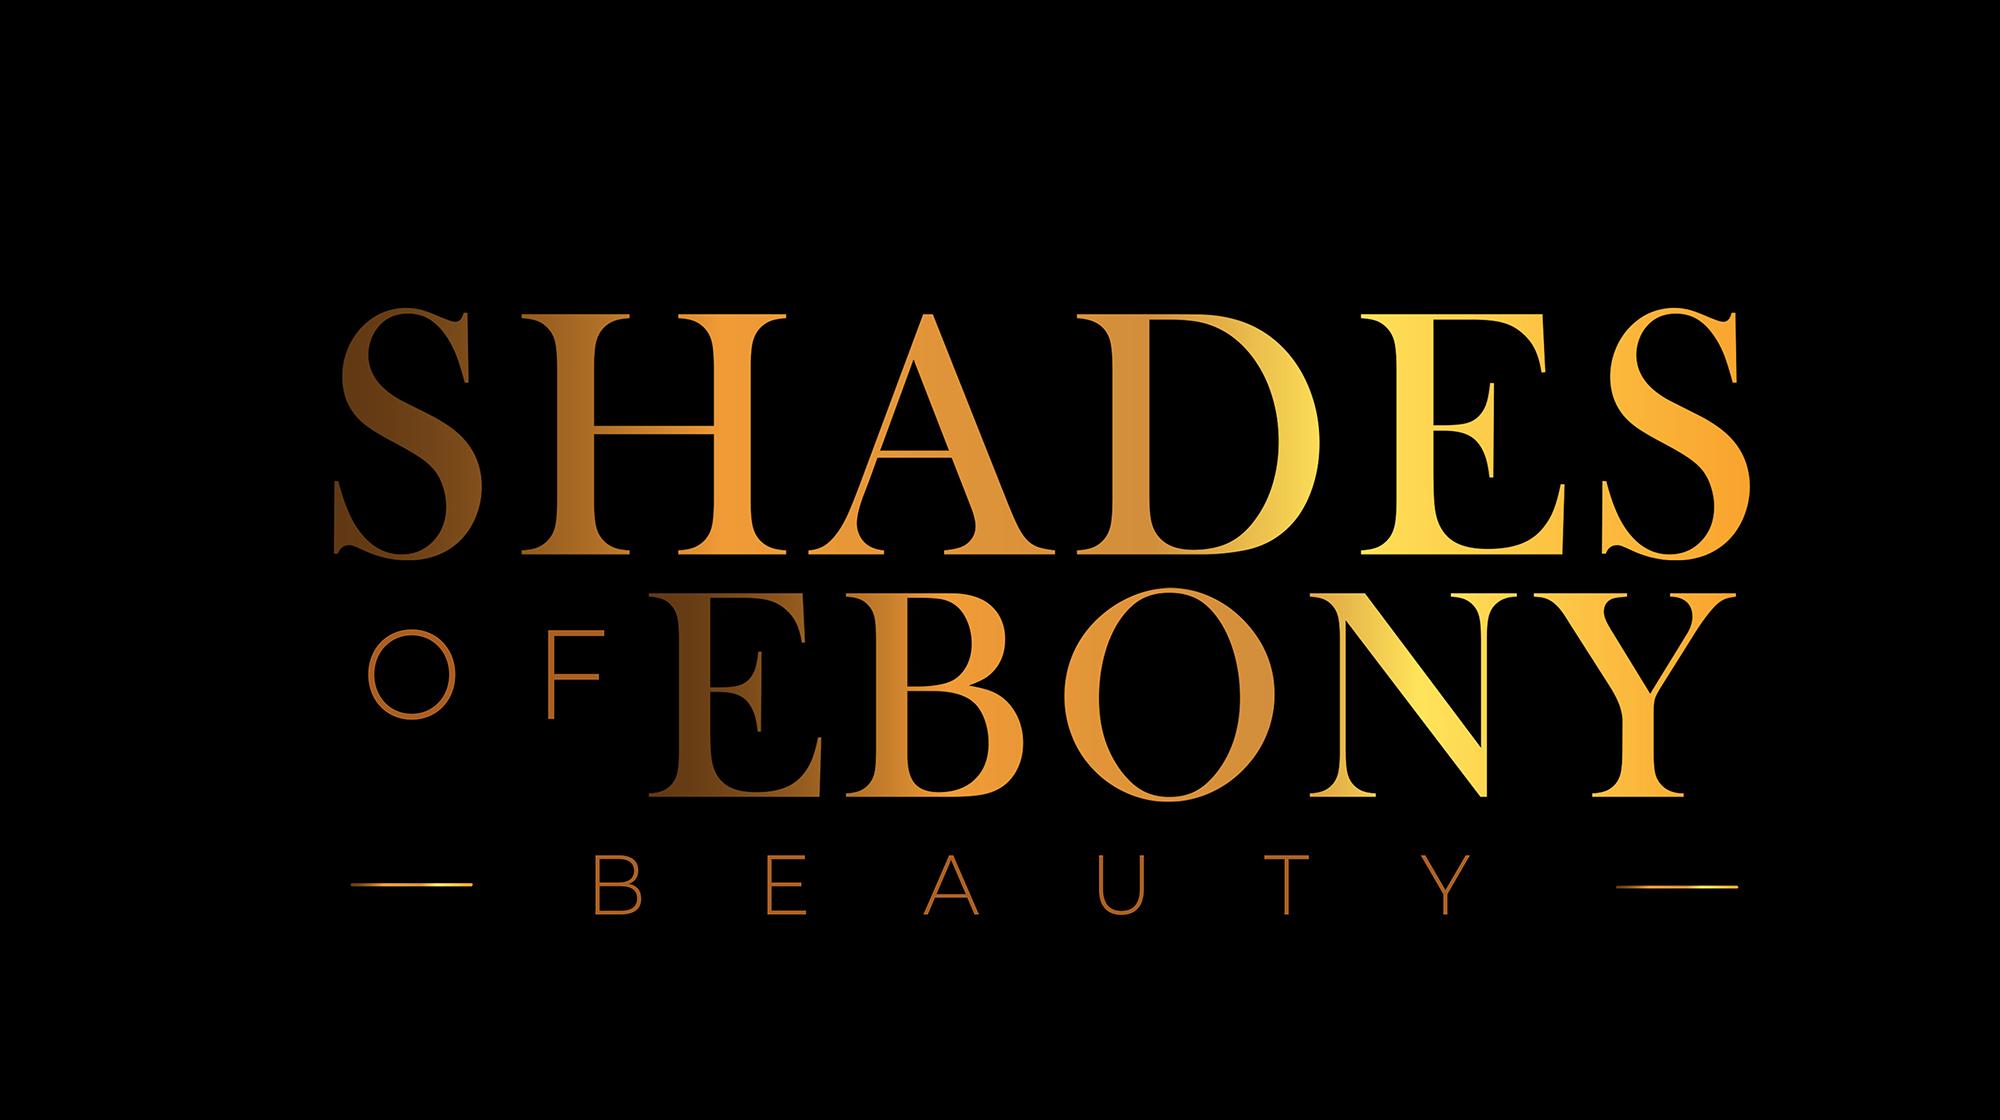 shades-of-ebony-logo-text